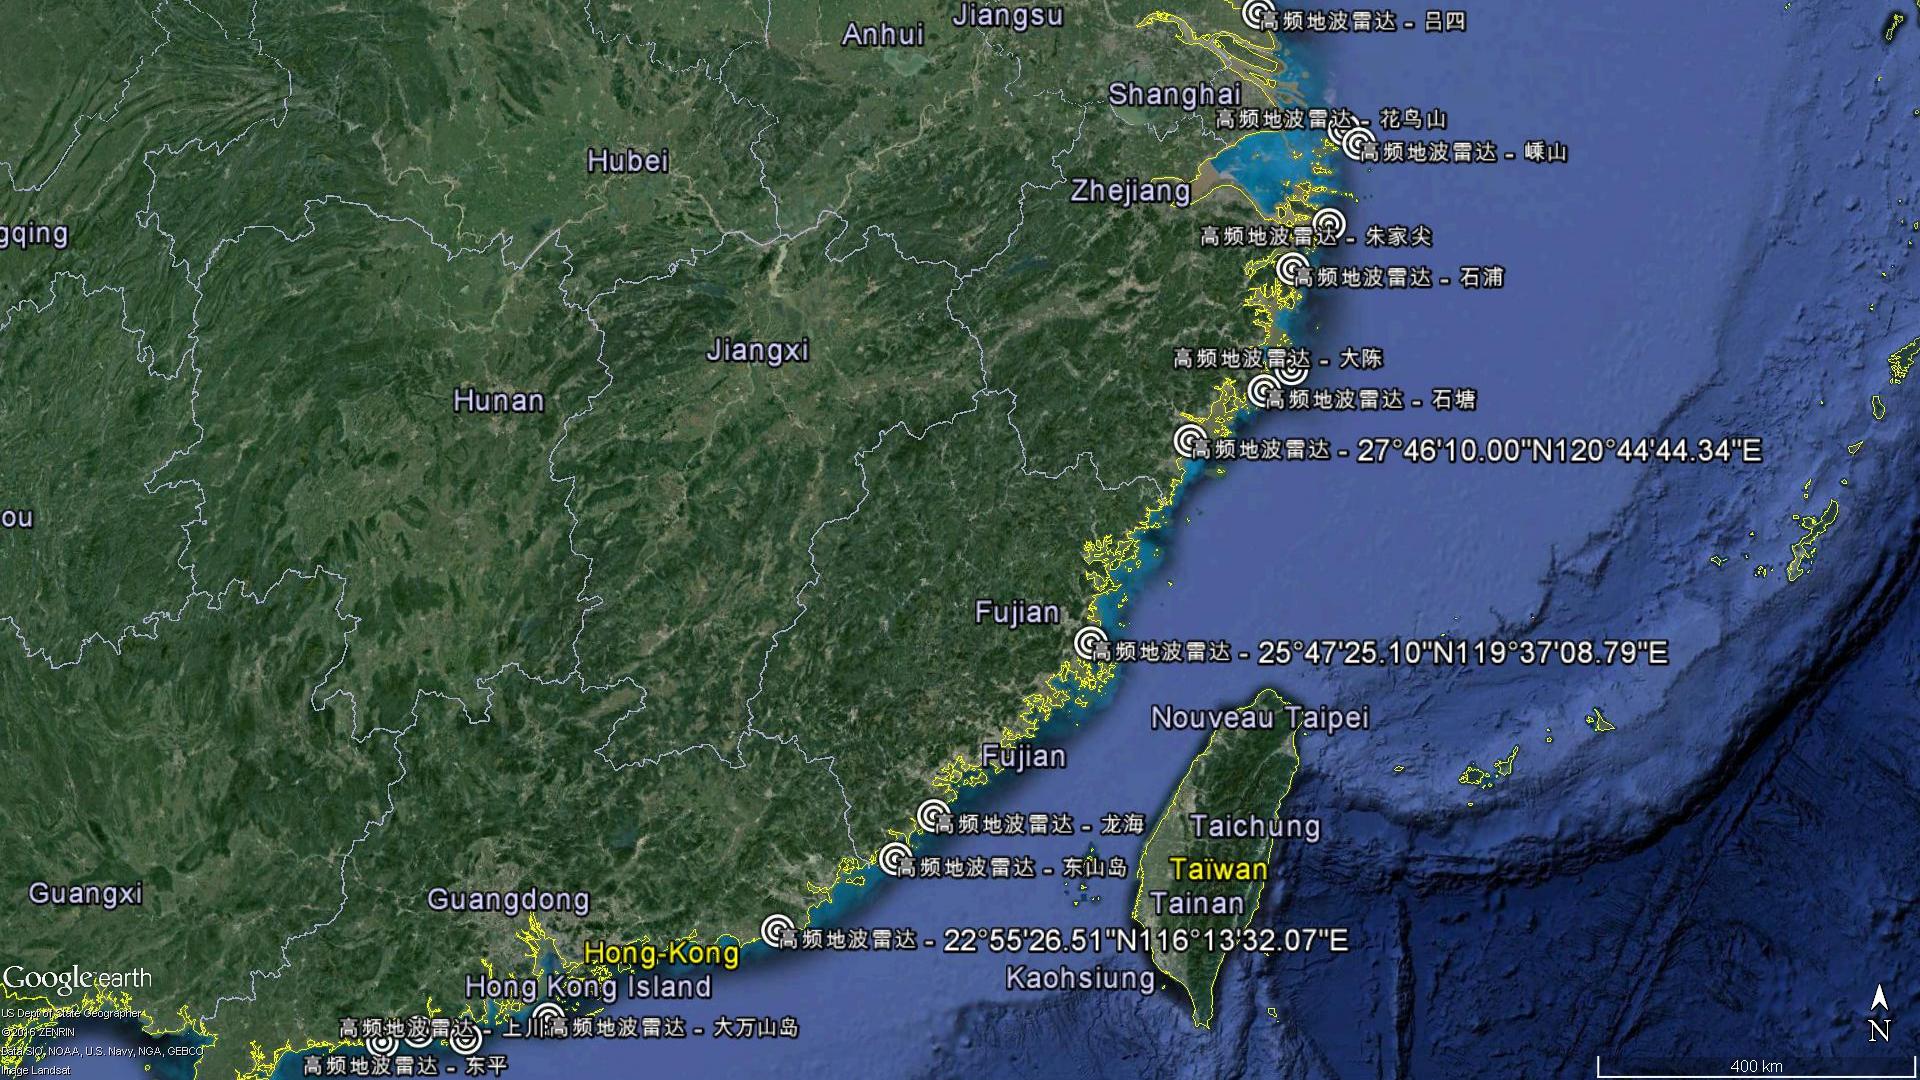 Les HFSWR sont équitablement répartis sur la côte Est de la Chine, certains sont militaires, d'autres civils.